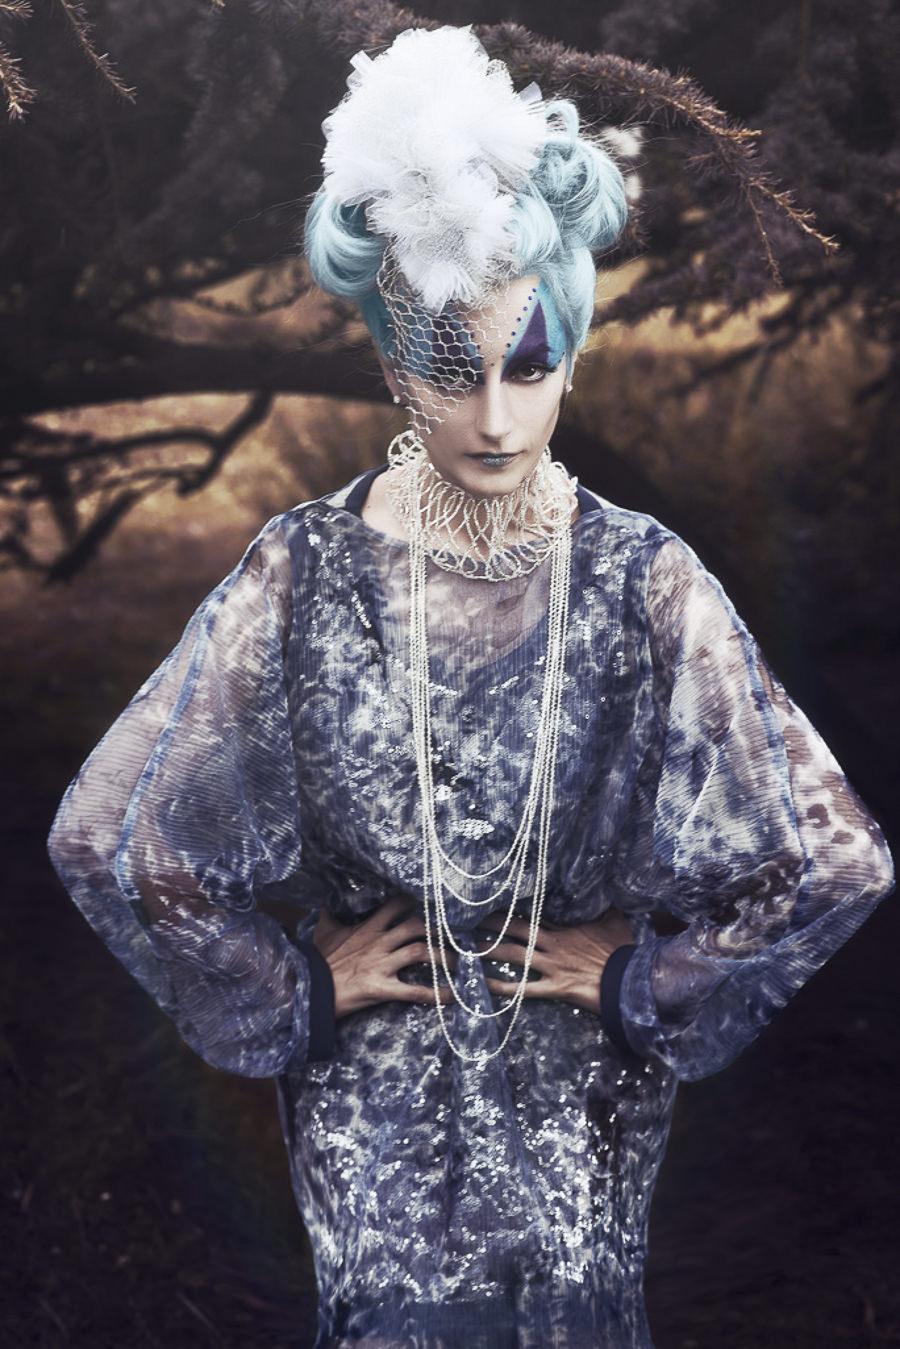 Fashion by Richard Pommerat